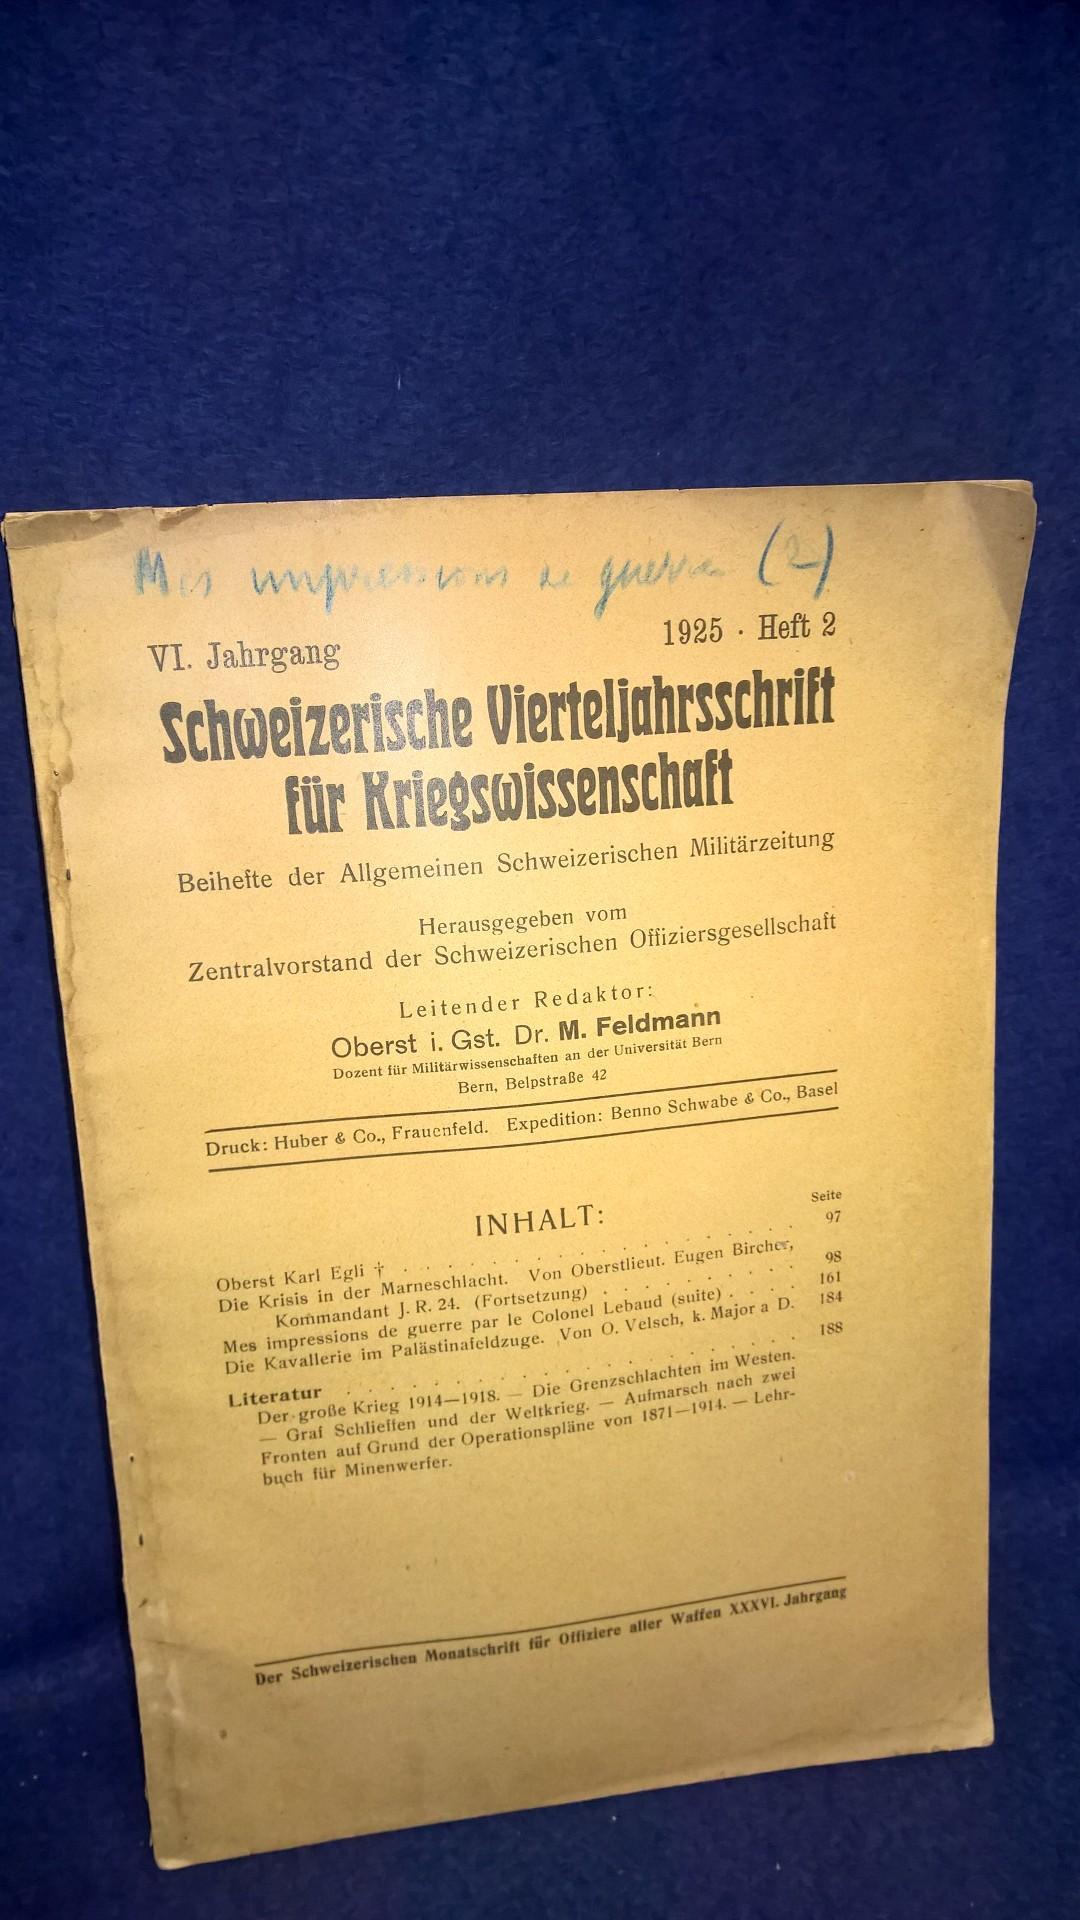 Schweizerische Vierteljahresschrift für Kriegswissenschaften, Heft 2, 1925. Aus dem Inhalt: Die Krisis in der Marneschlacht/ Die Kavallerie im Palästinafeldzuge.